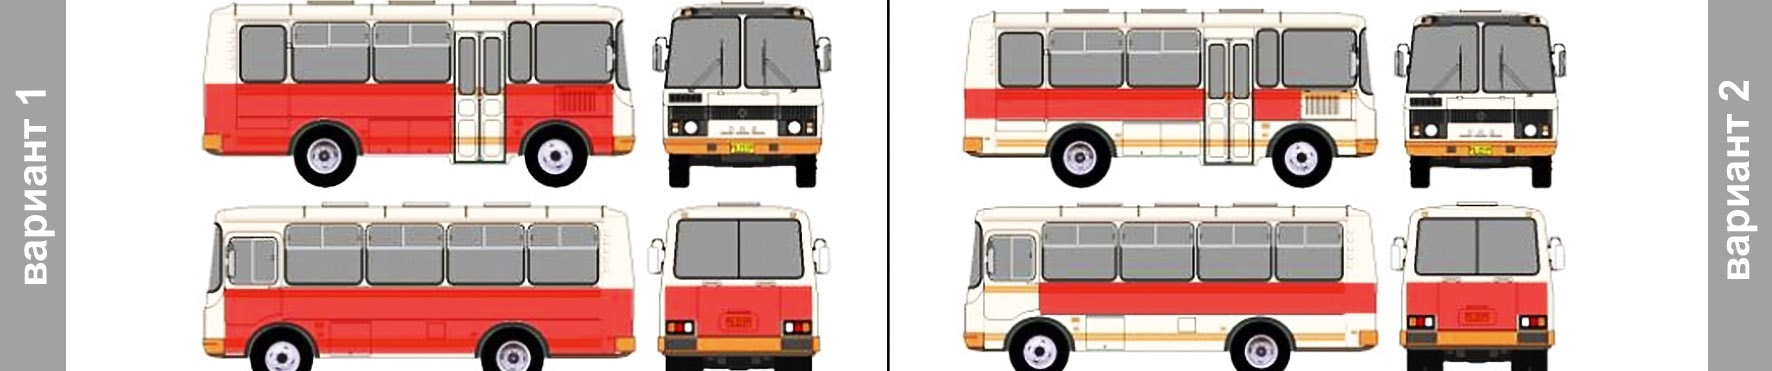 Реклама на транспорте в Ингушетии разместить